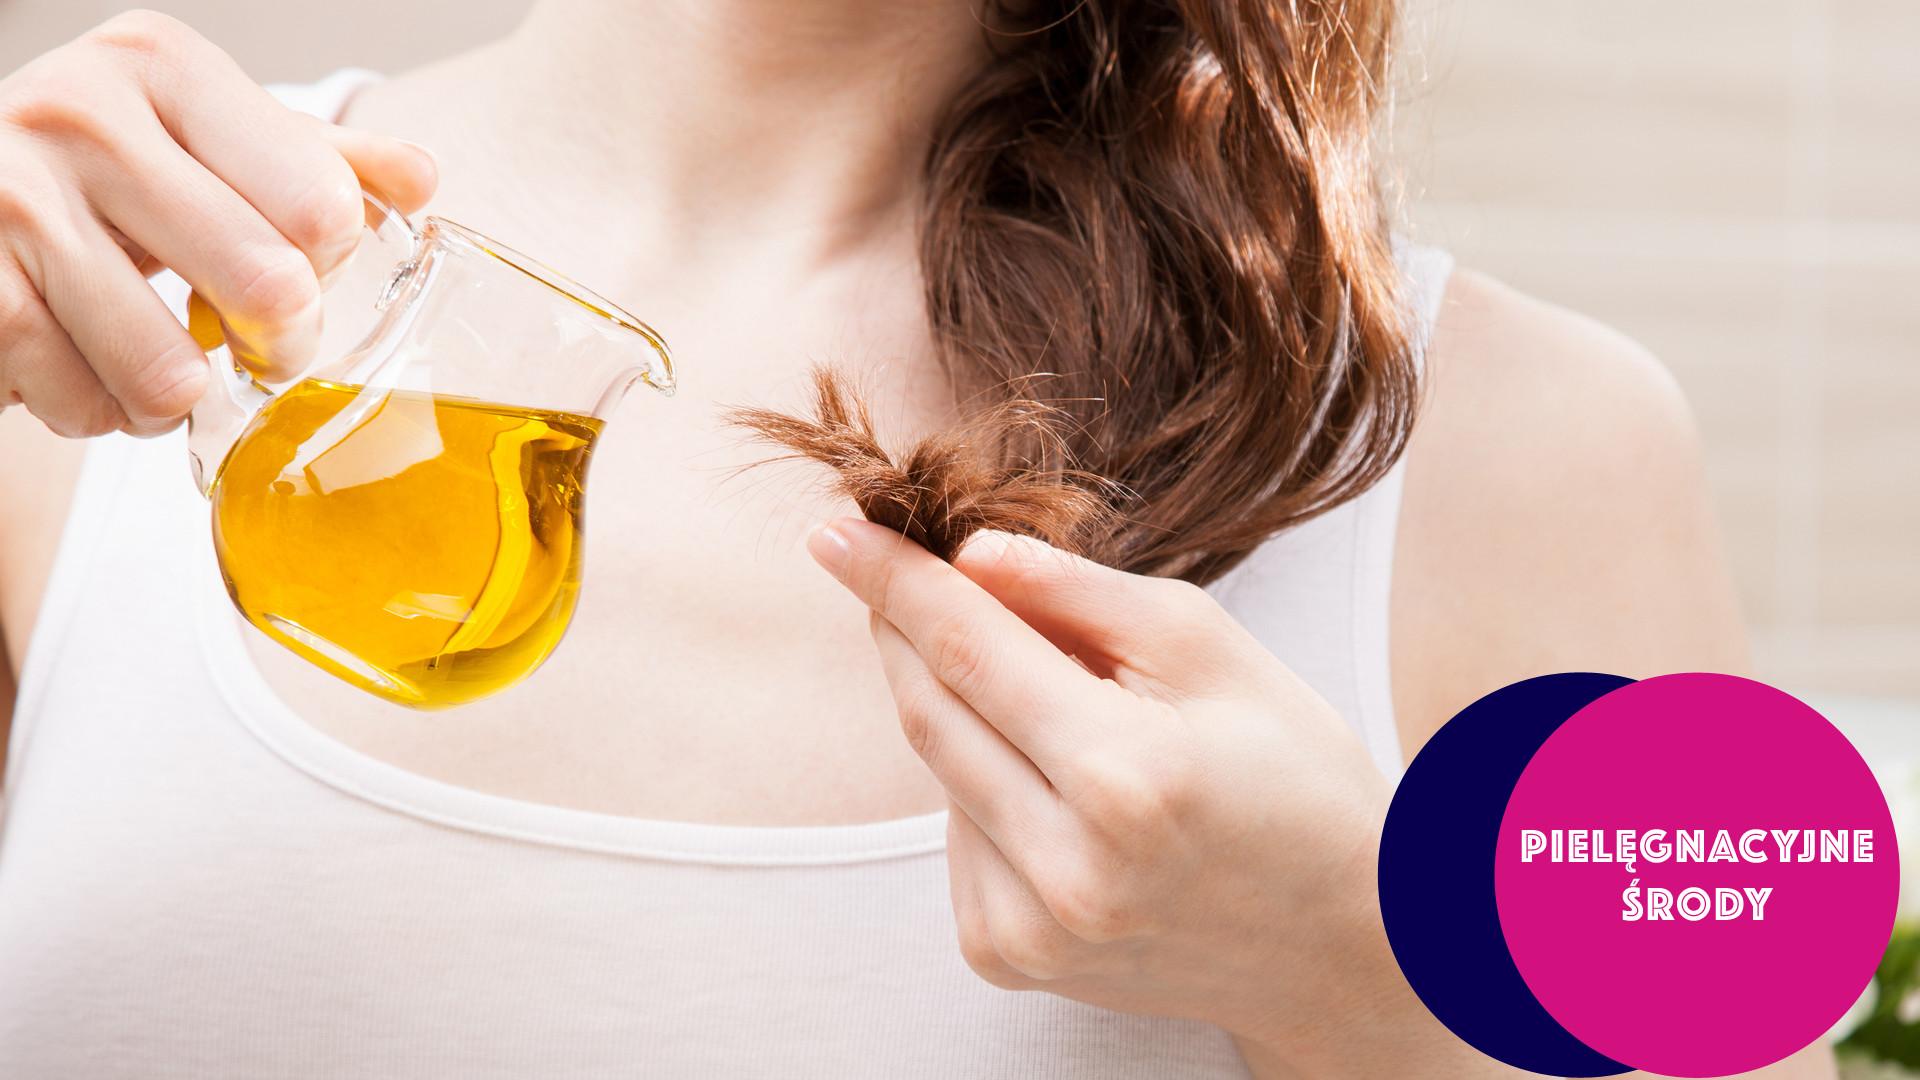 4 naturalne maski do włosów, które możesz wykonać z produktów dostępnych w Twojej kuchni (PIELĘGNACYJNE ŚRODY)